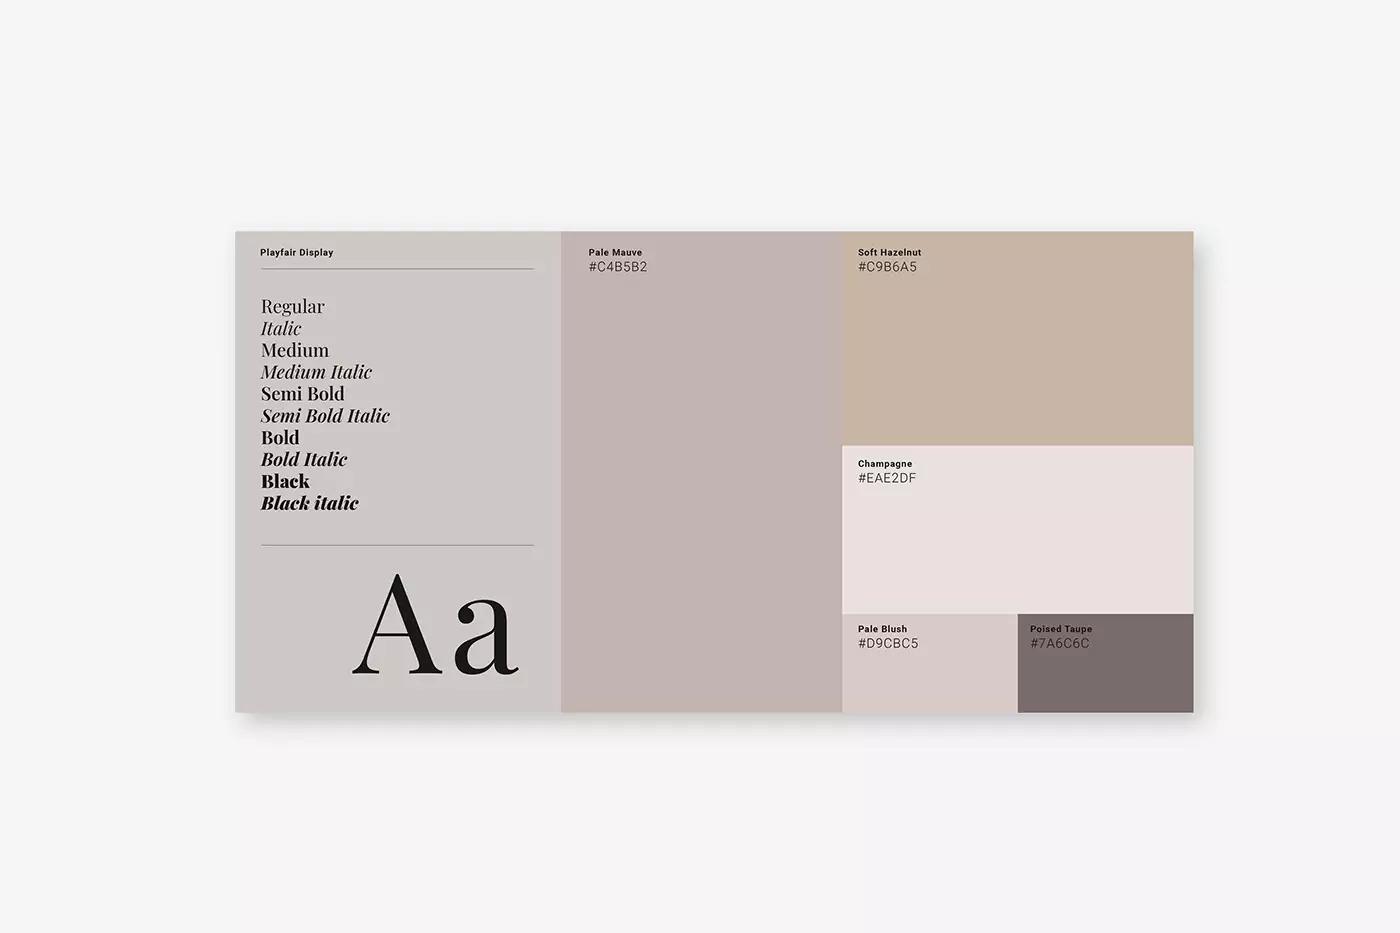 企业画册设计的简单知识